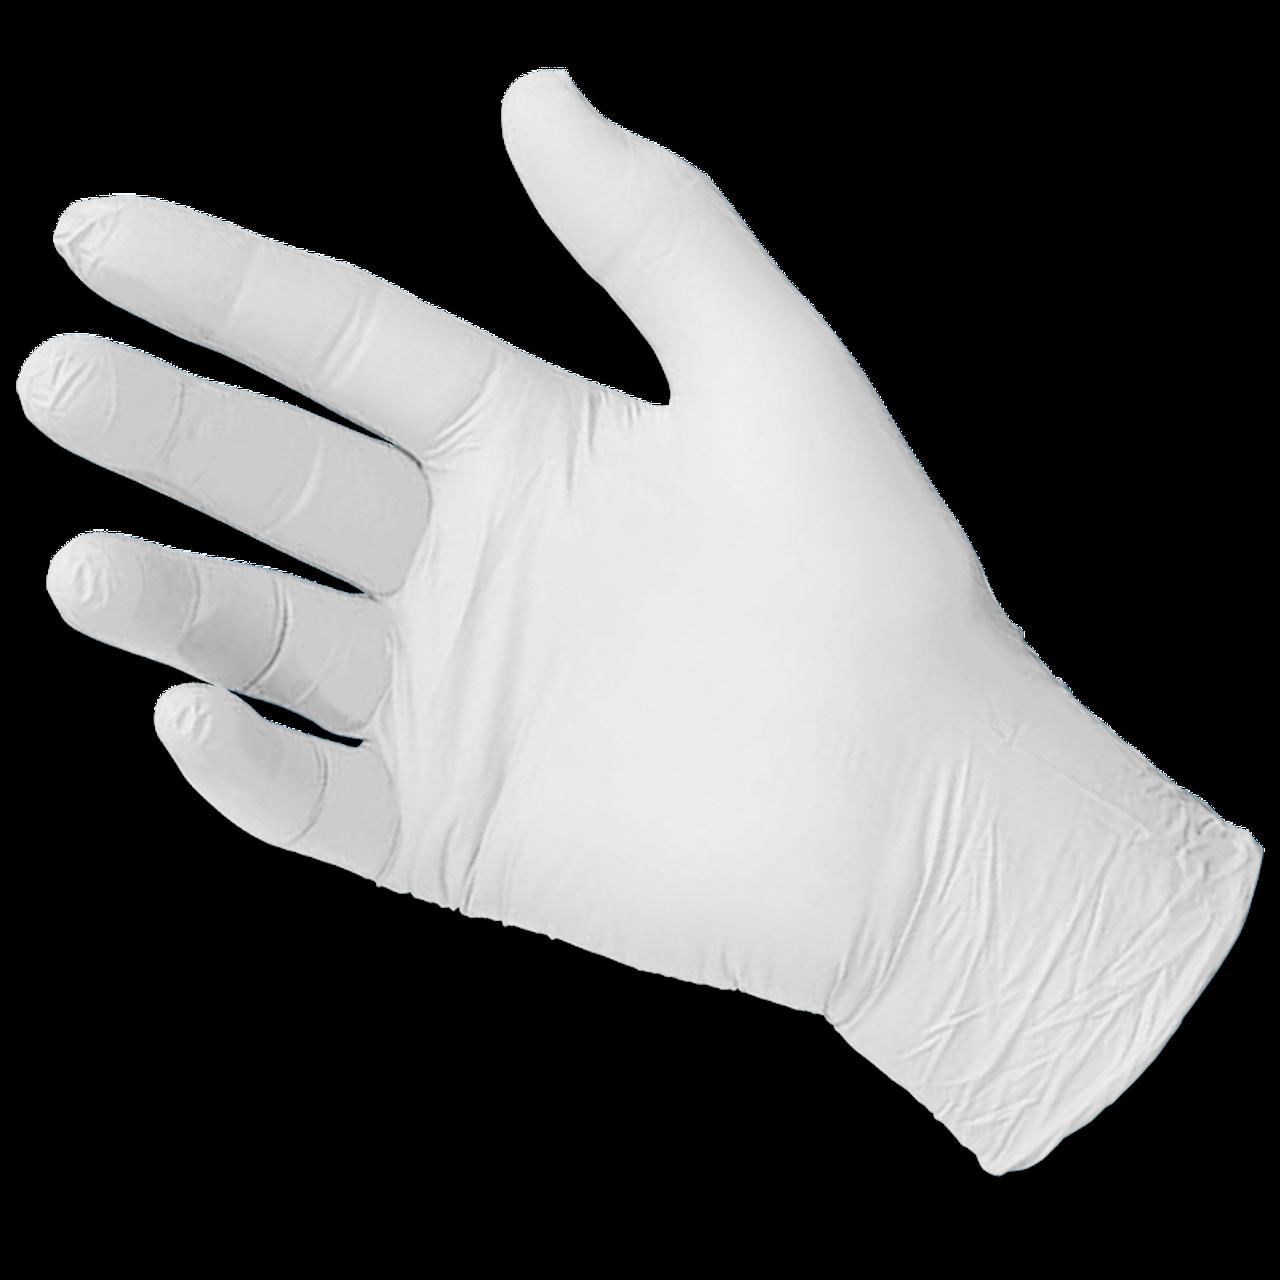 Halyard Sterling Nitrile Exam Glove